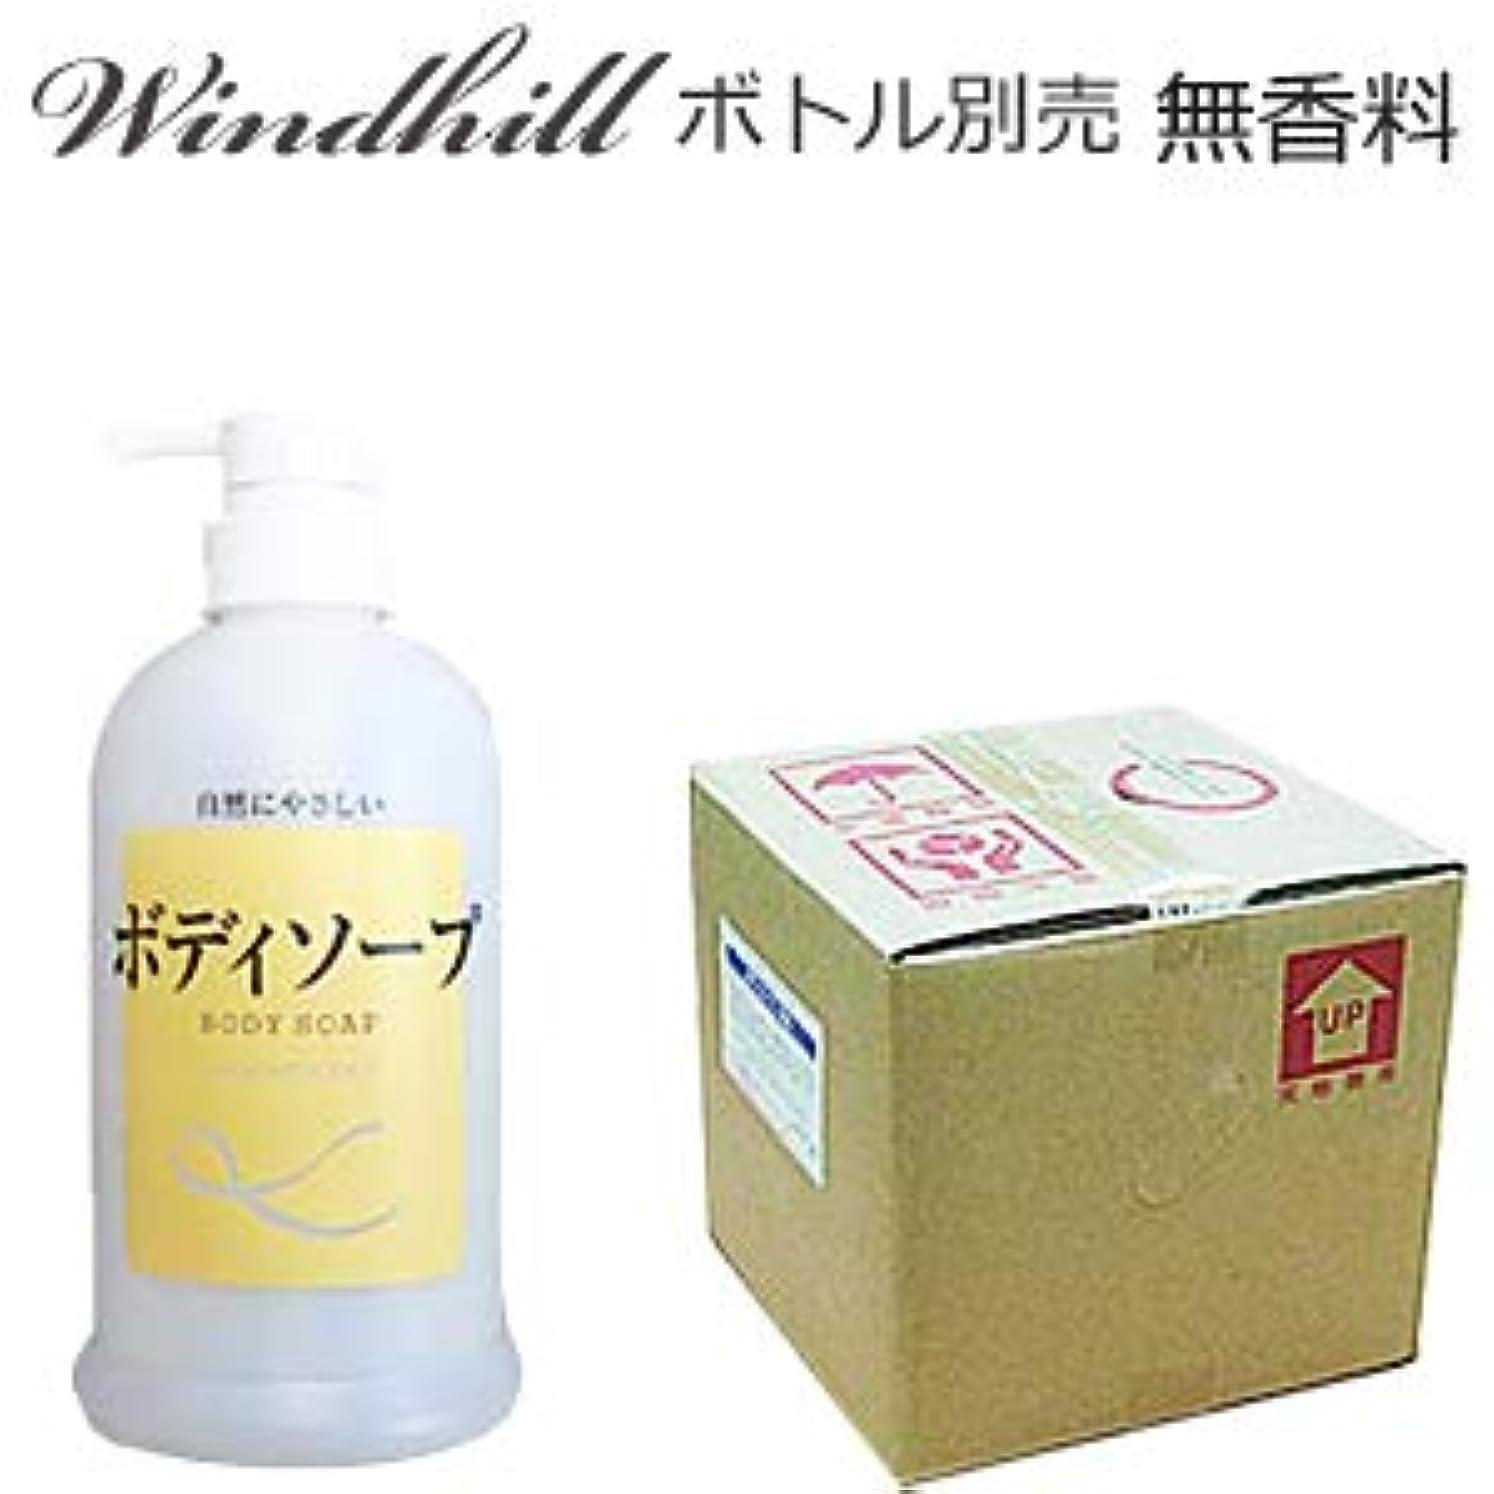 不安定な広告十代の若者たちWindhill 植物性 業務用ボディソープ 無香料 20L(1セット20L入)